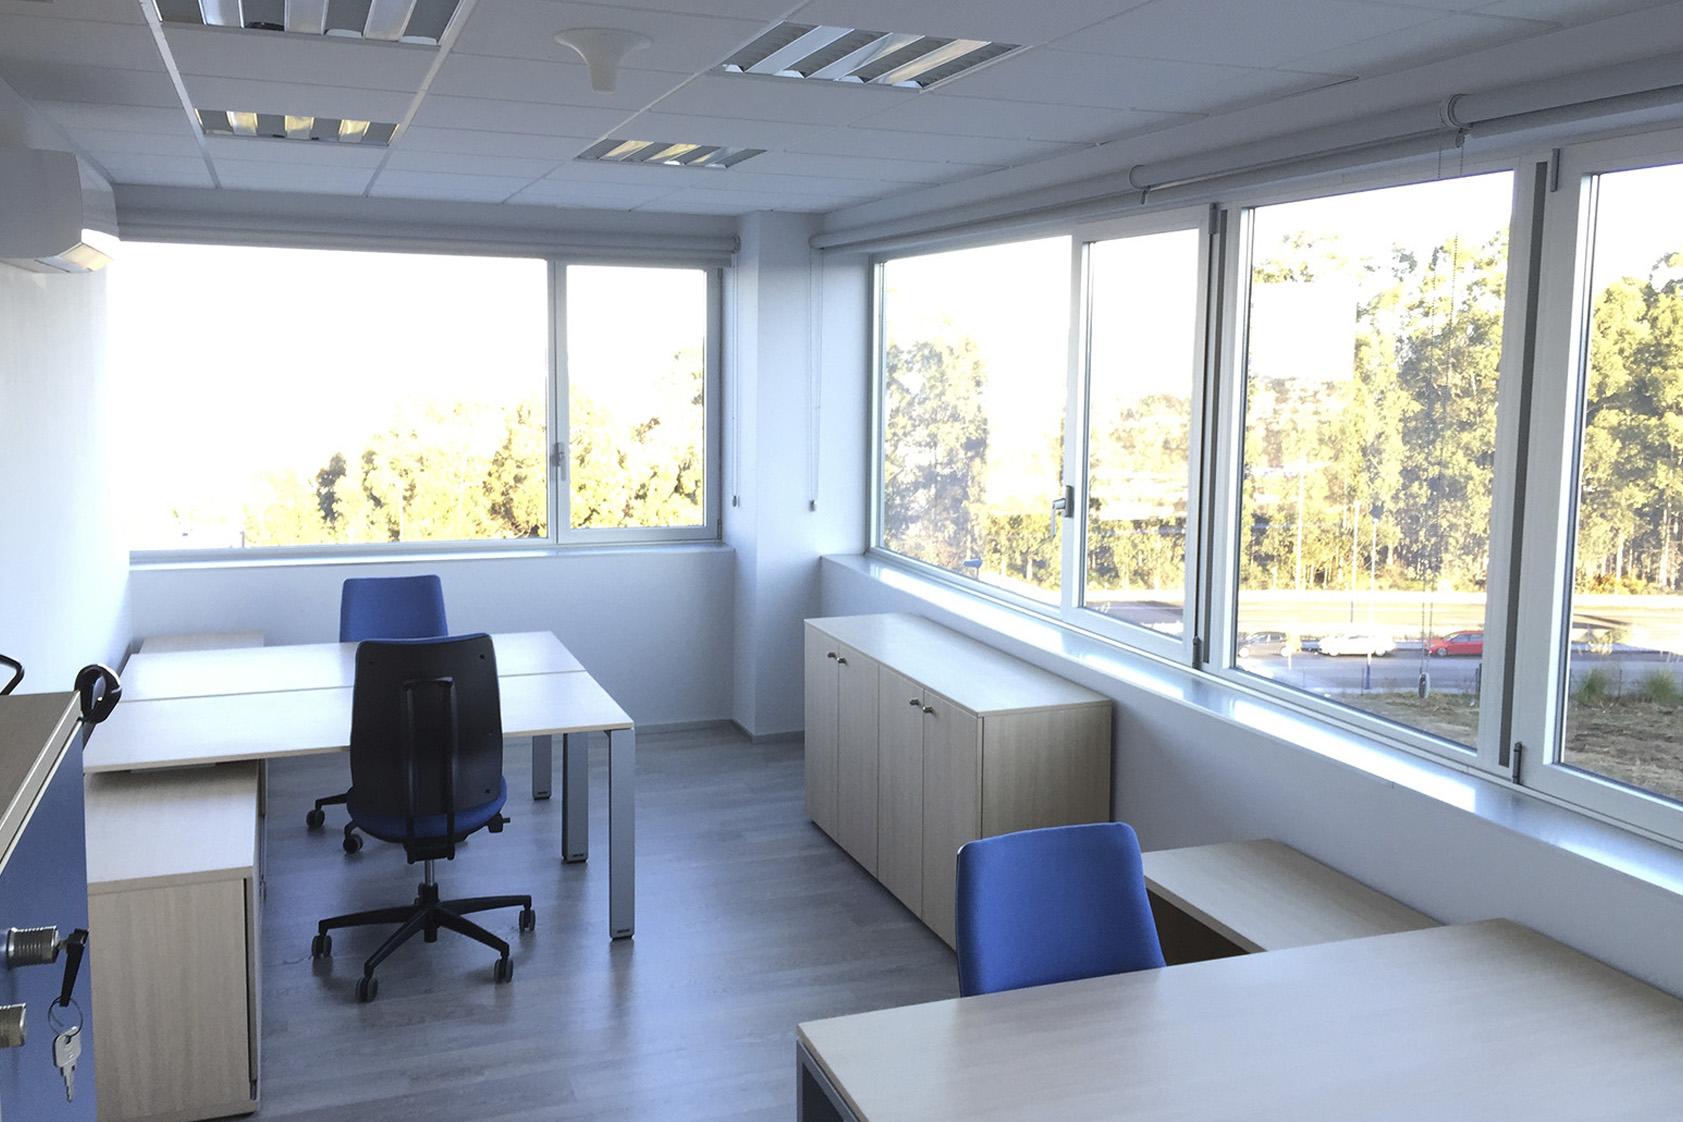 Alquiler de Despacho Doble. Espaciogeo Vigo Coworking